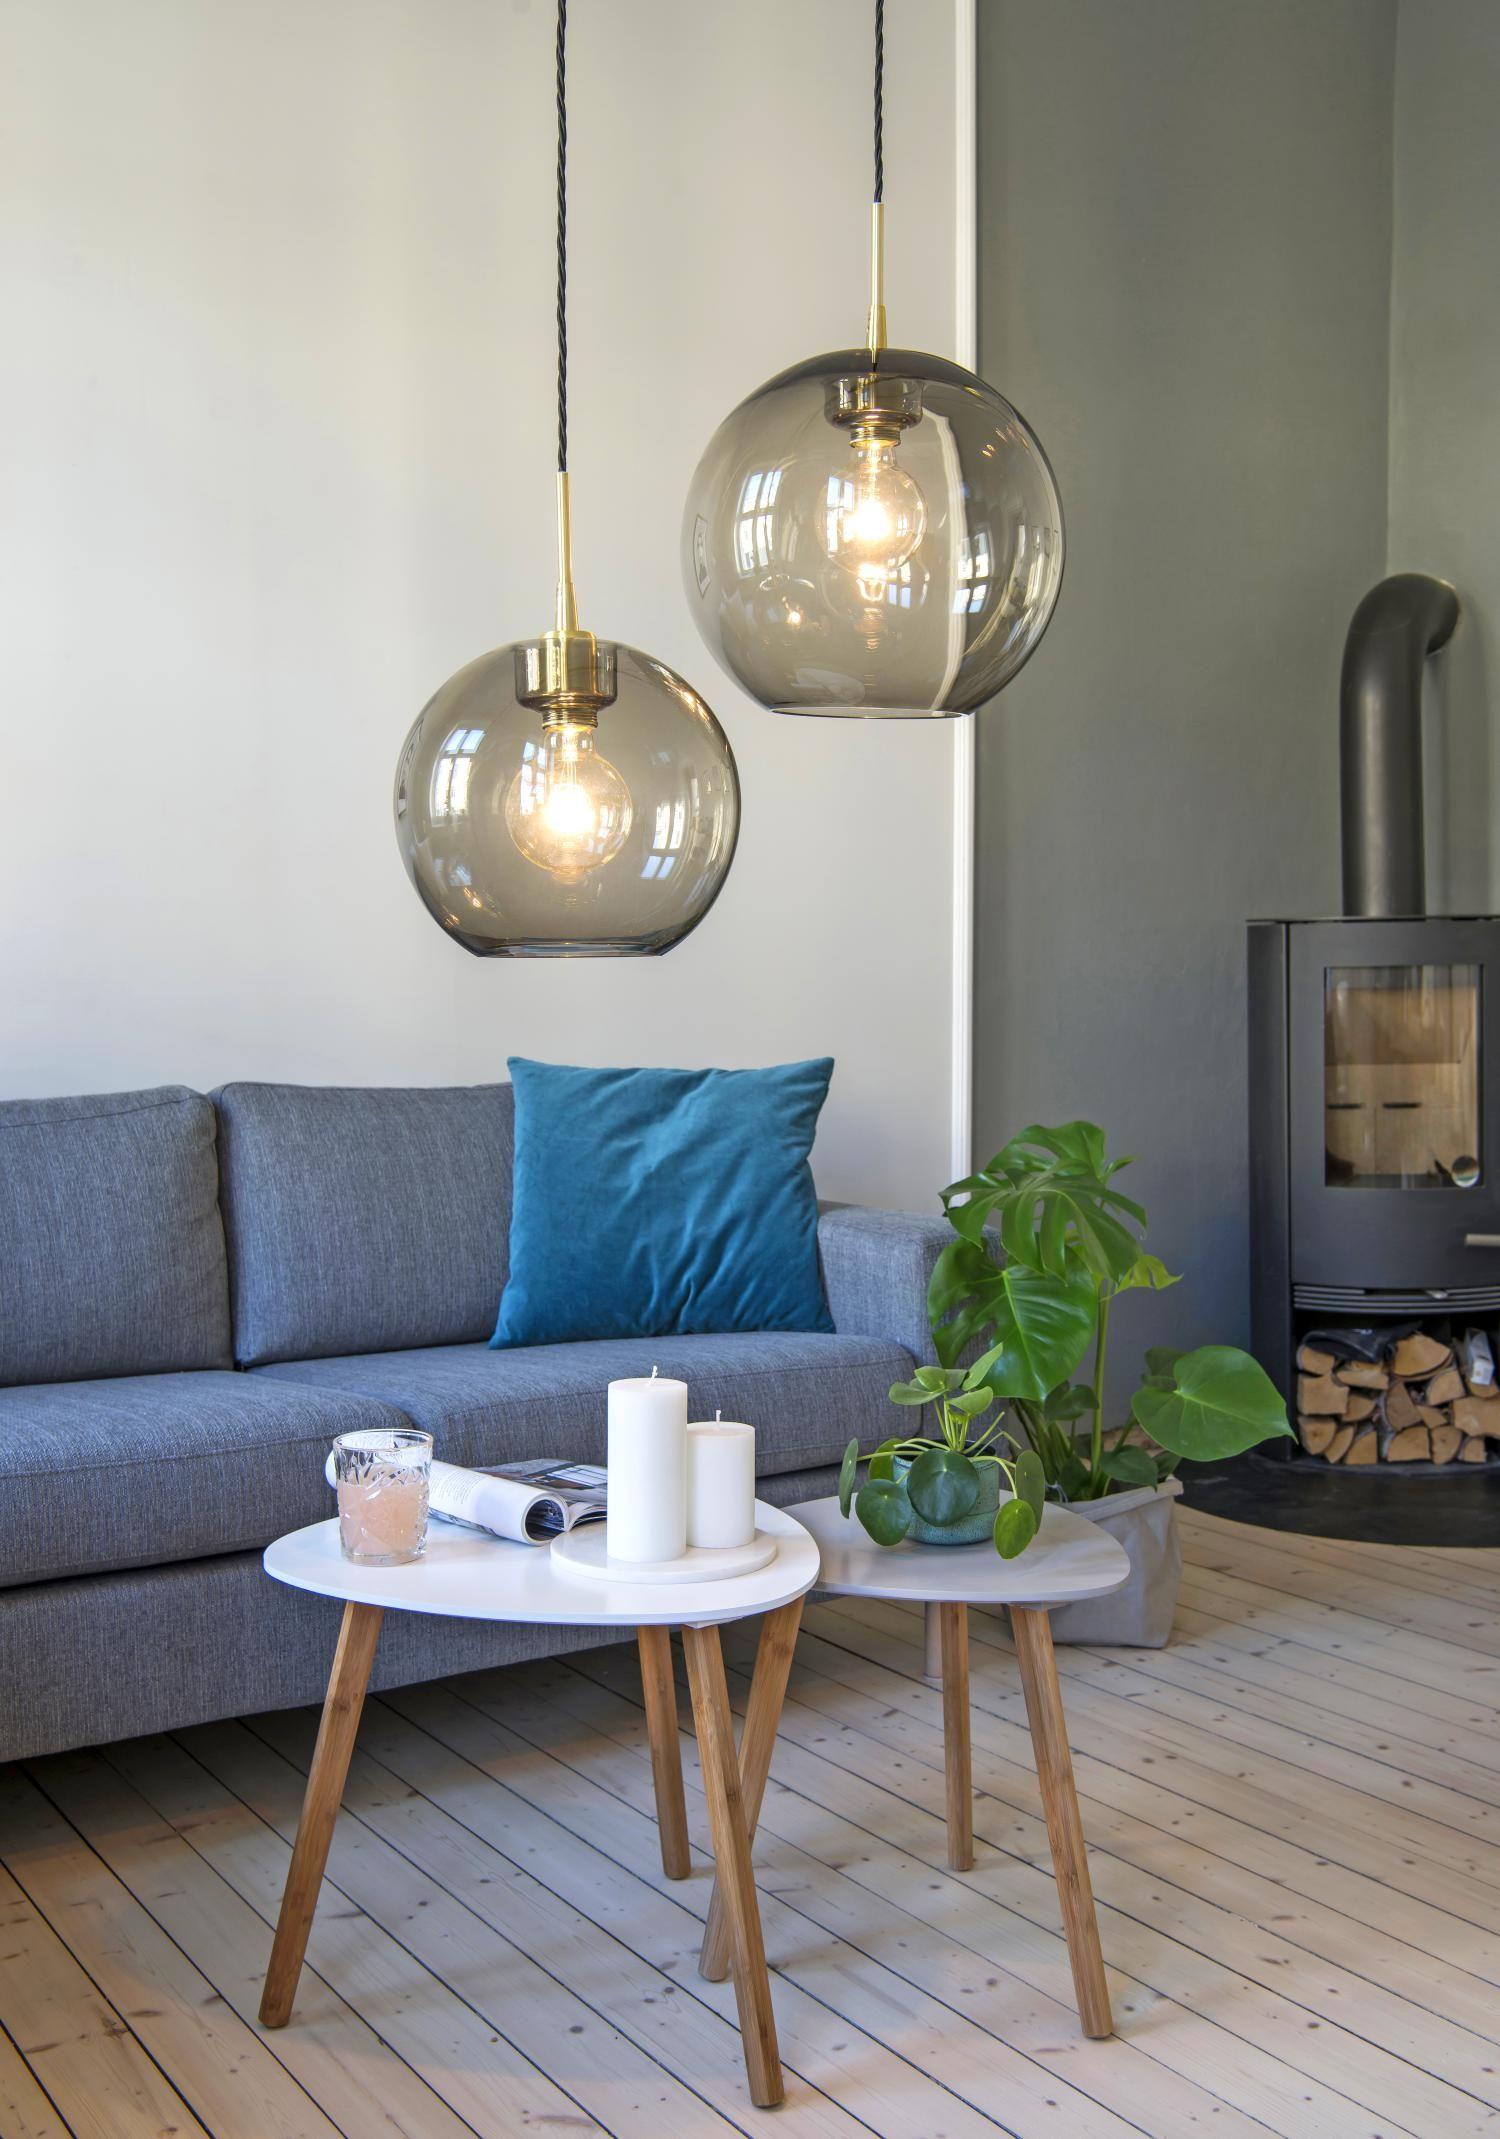 Taklampe Alve | Lampe i stue, Taklampe, Lampe til stue